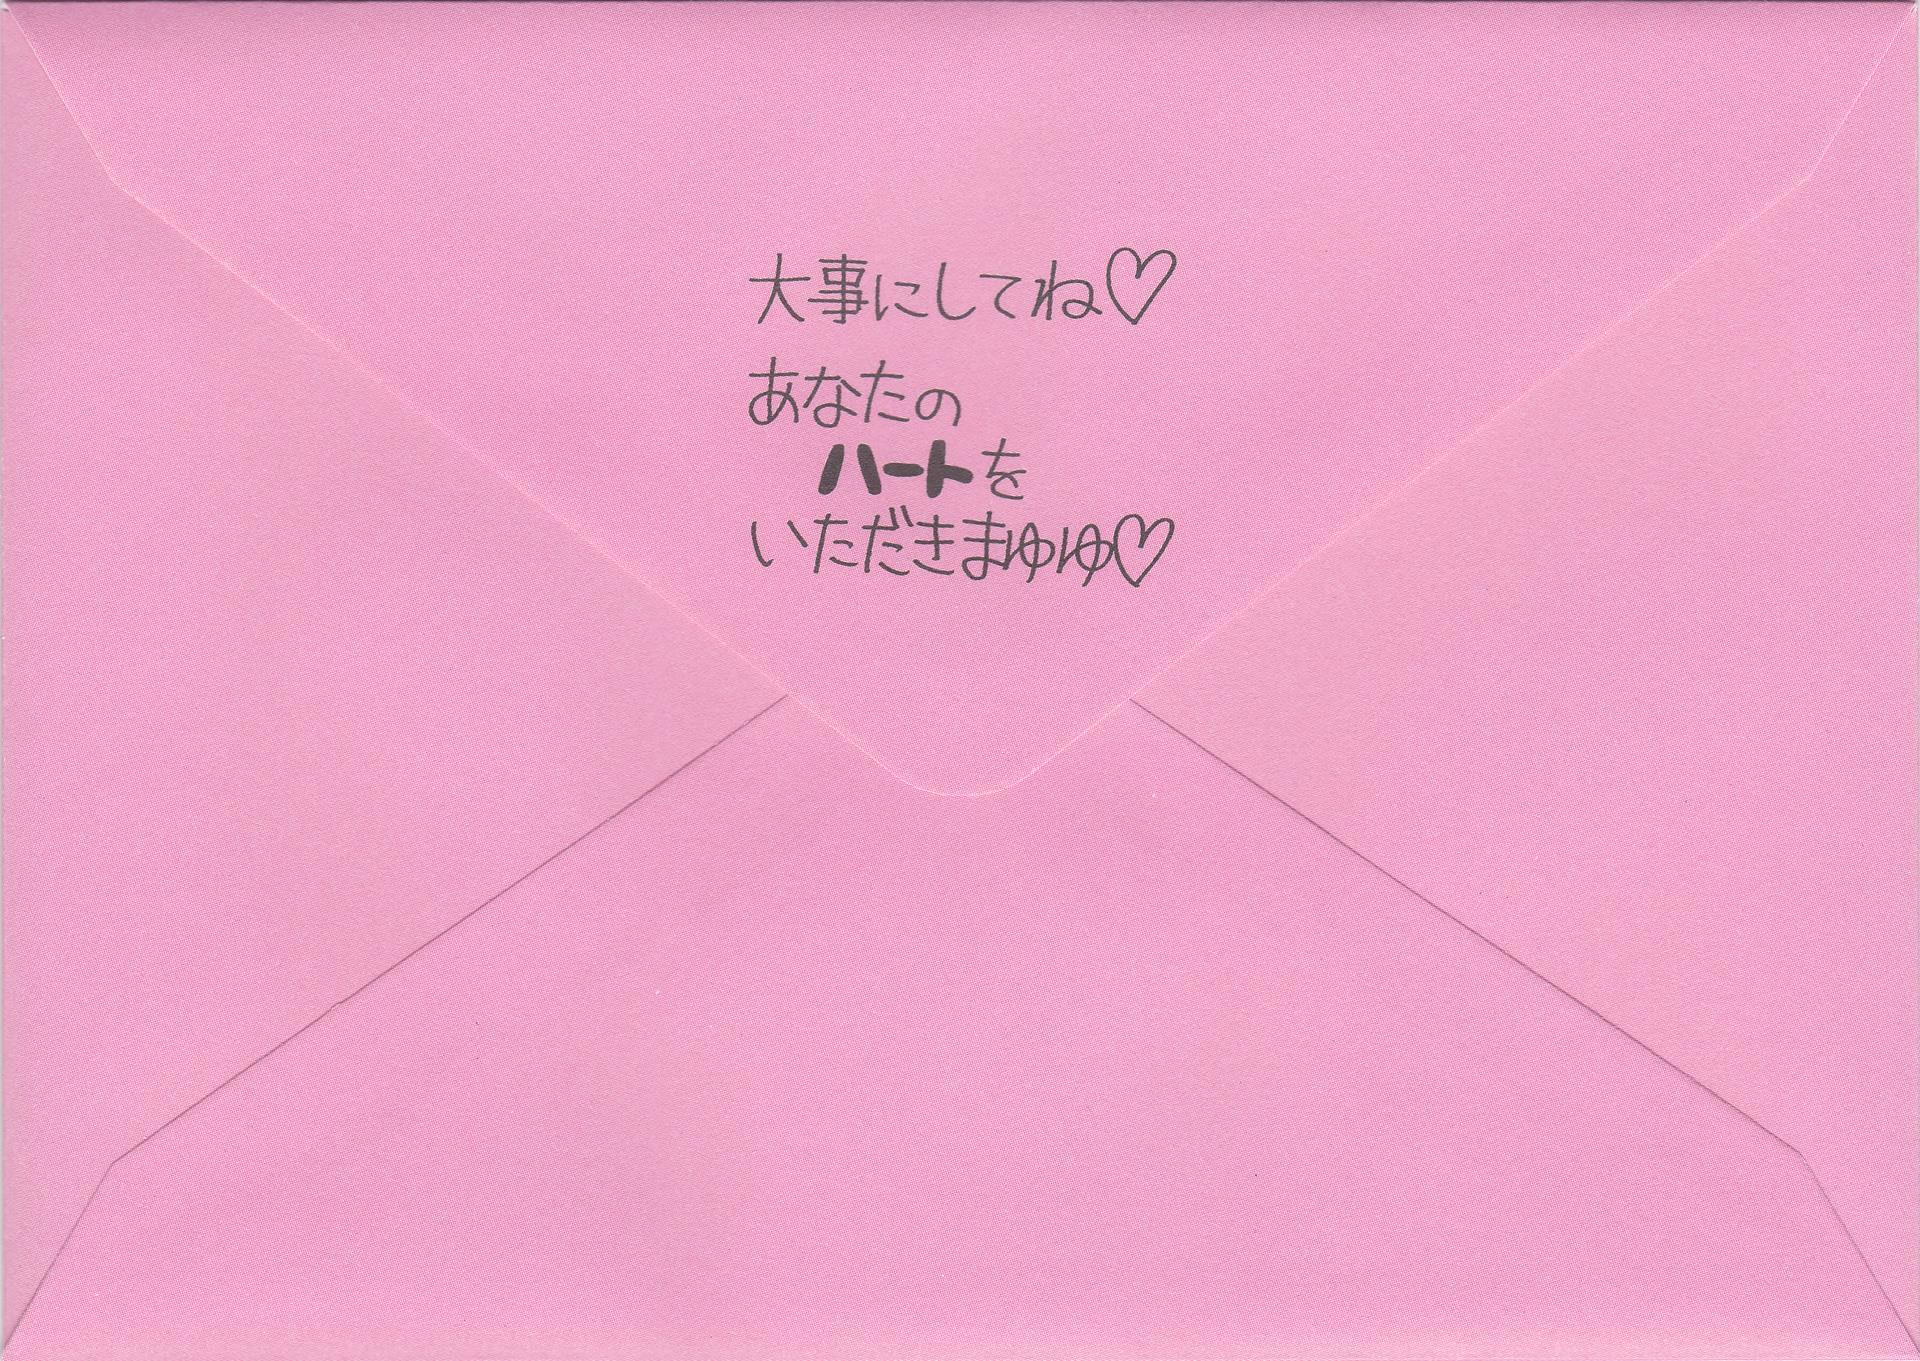 渡辺麻友 写真集「まゆゆ」 画像 91